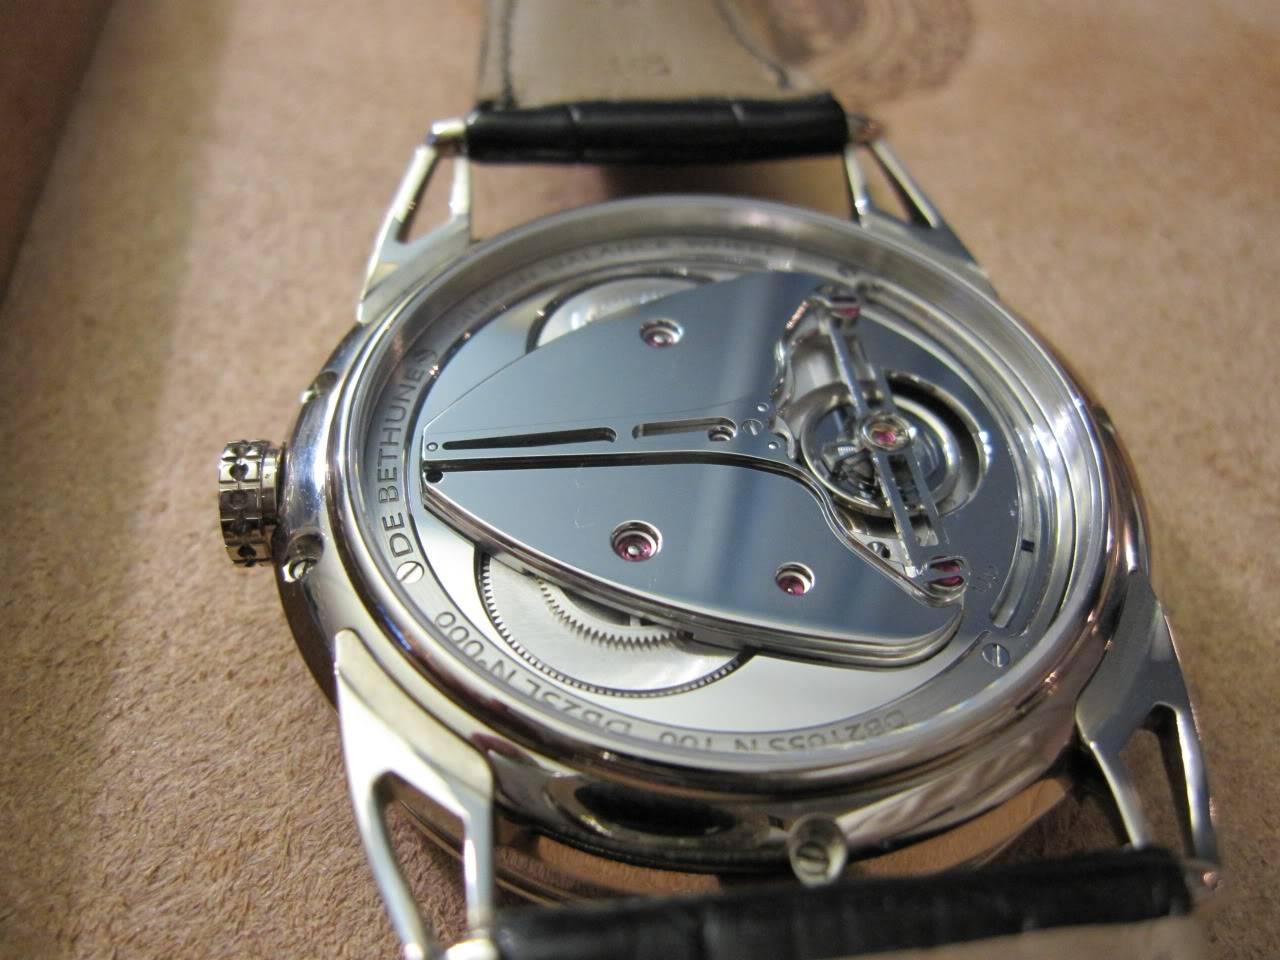 Où l'horlogerie devient art... (De Bethune inside) DB_SIHH2010_007